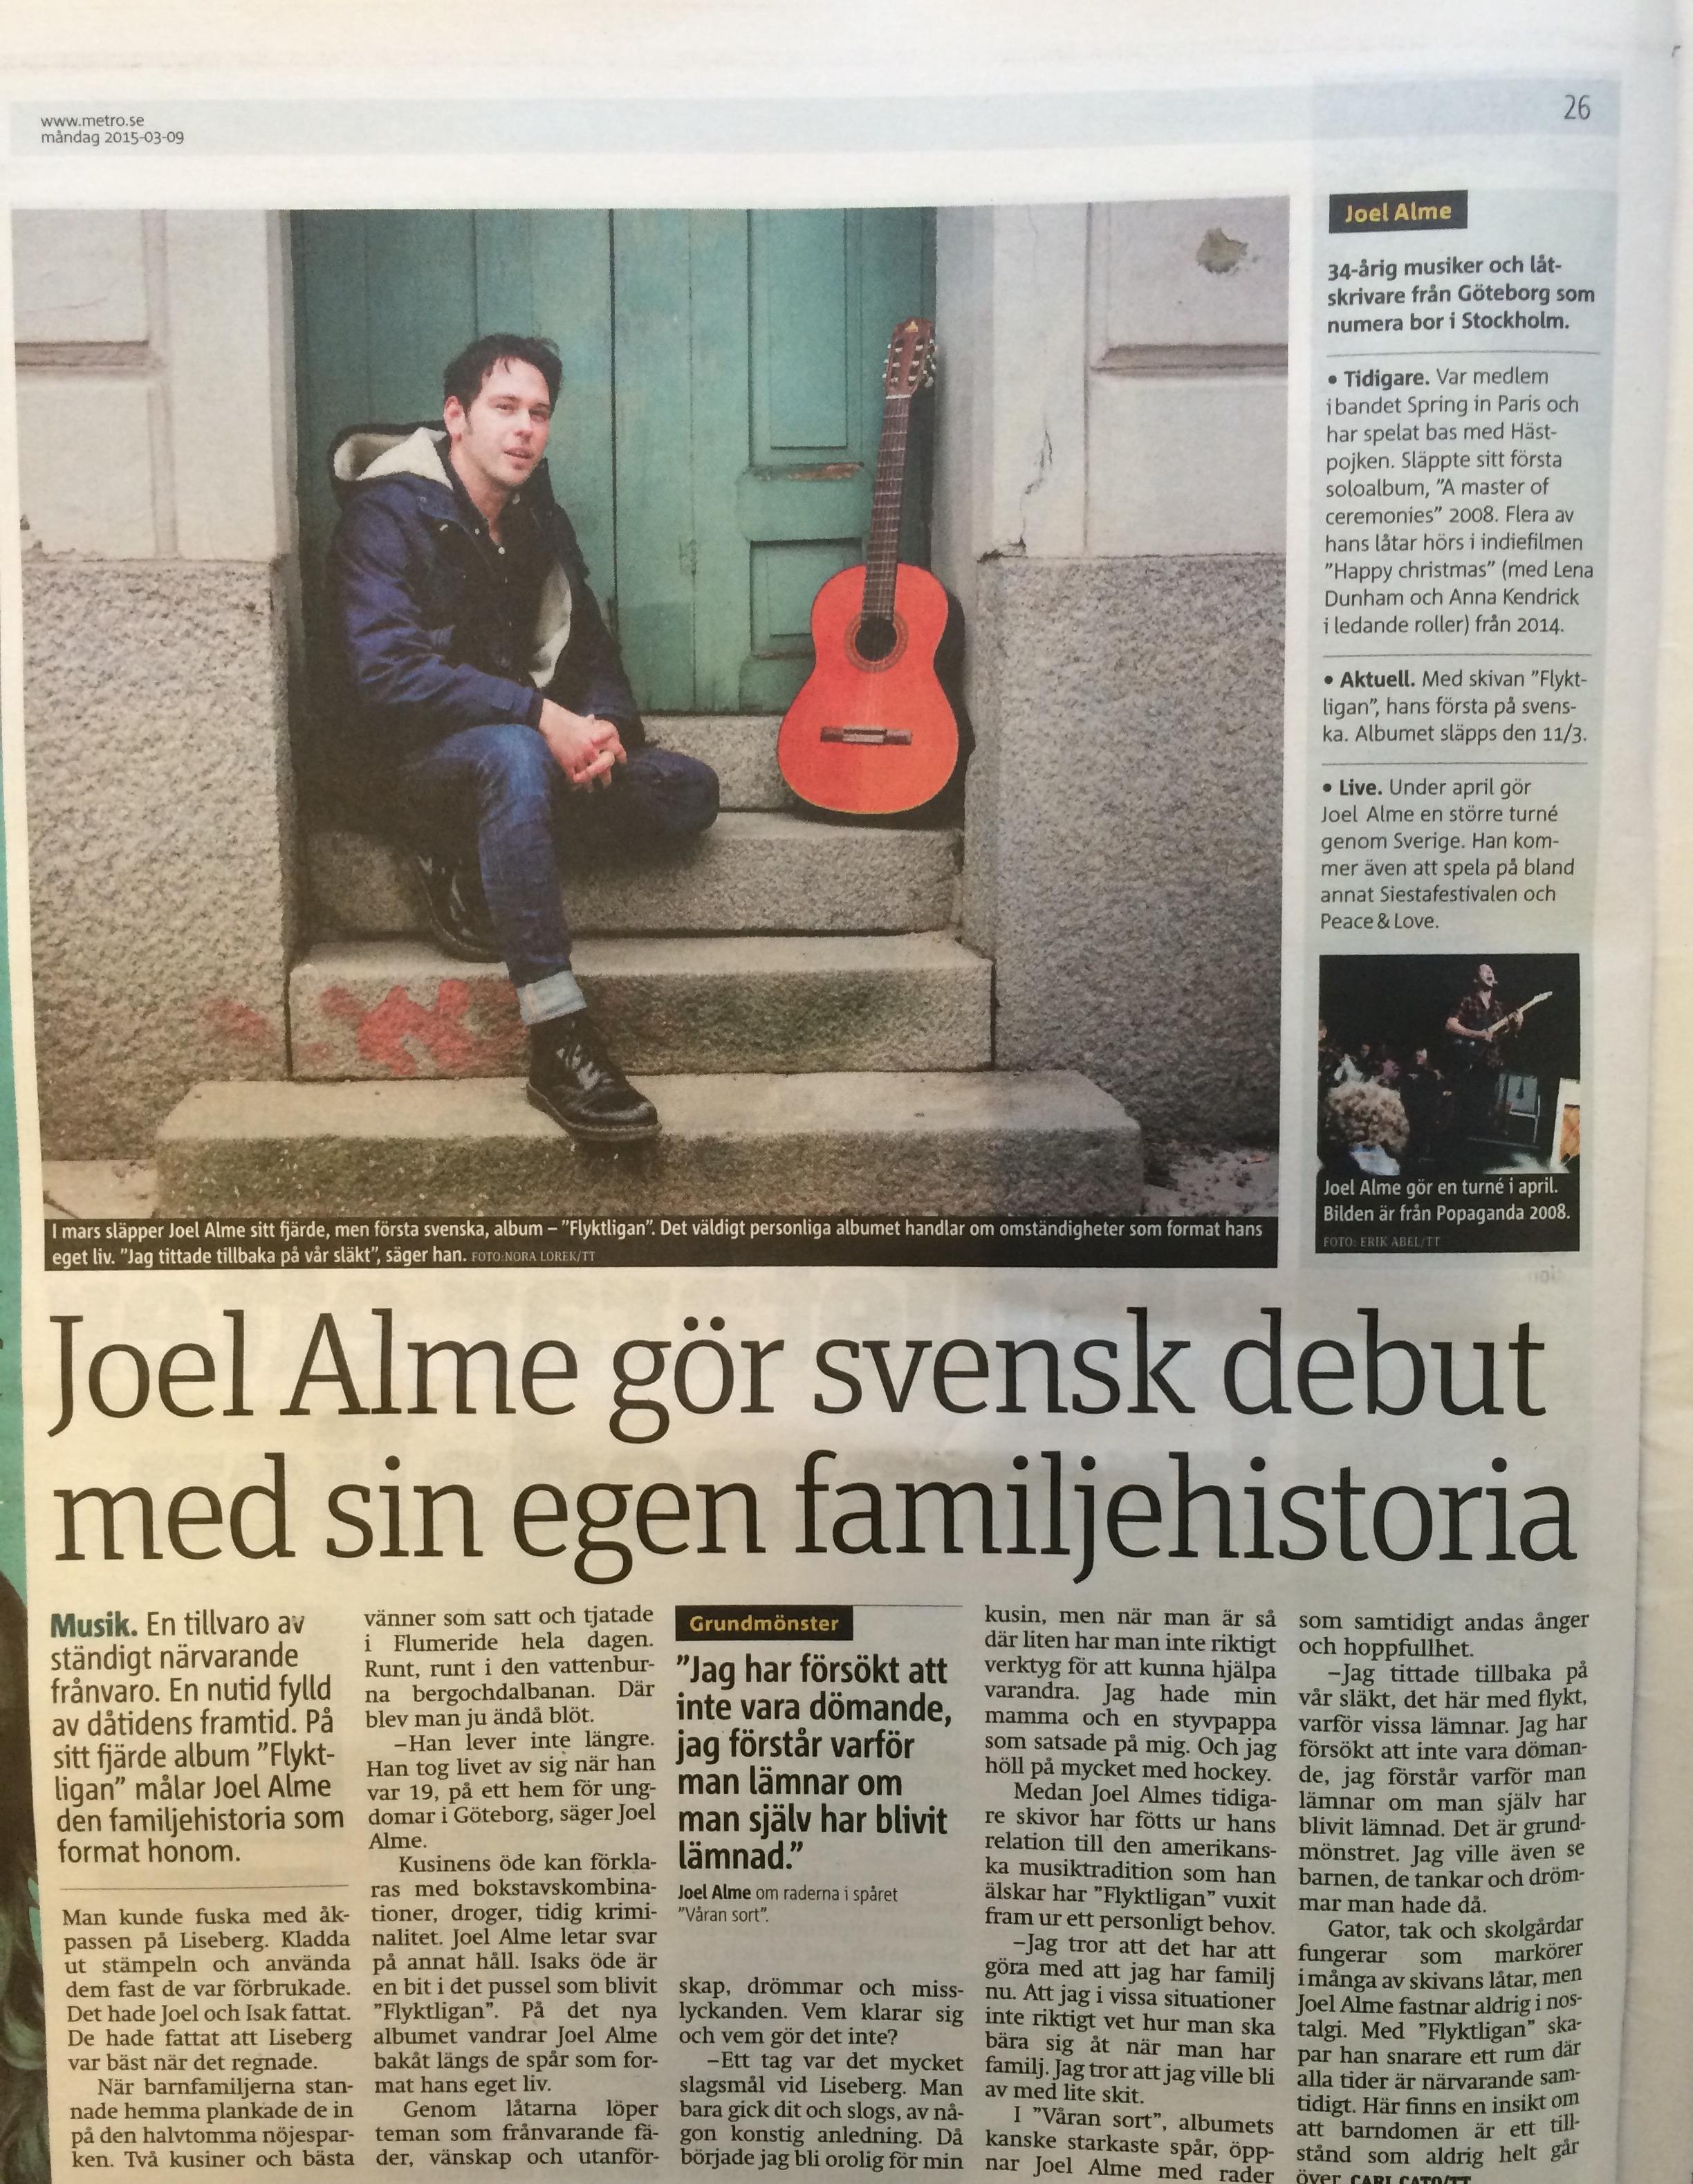 Joel Alme - intervju i Metro.jpg